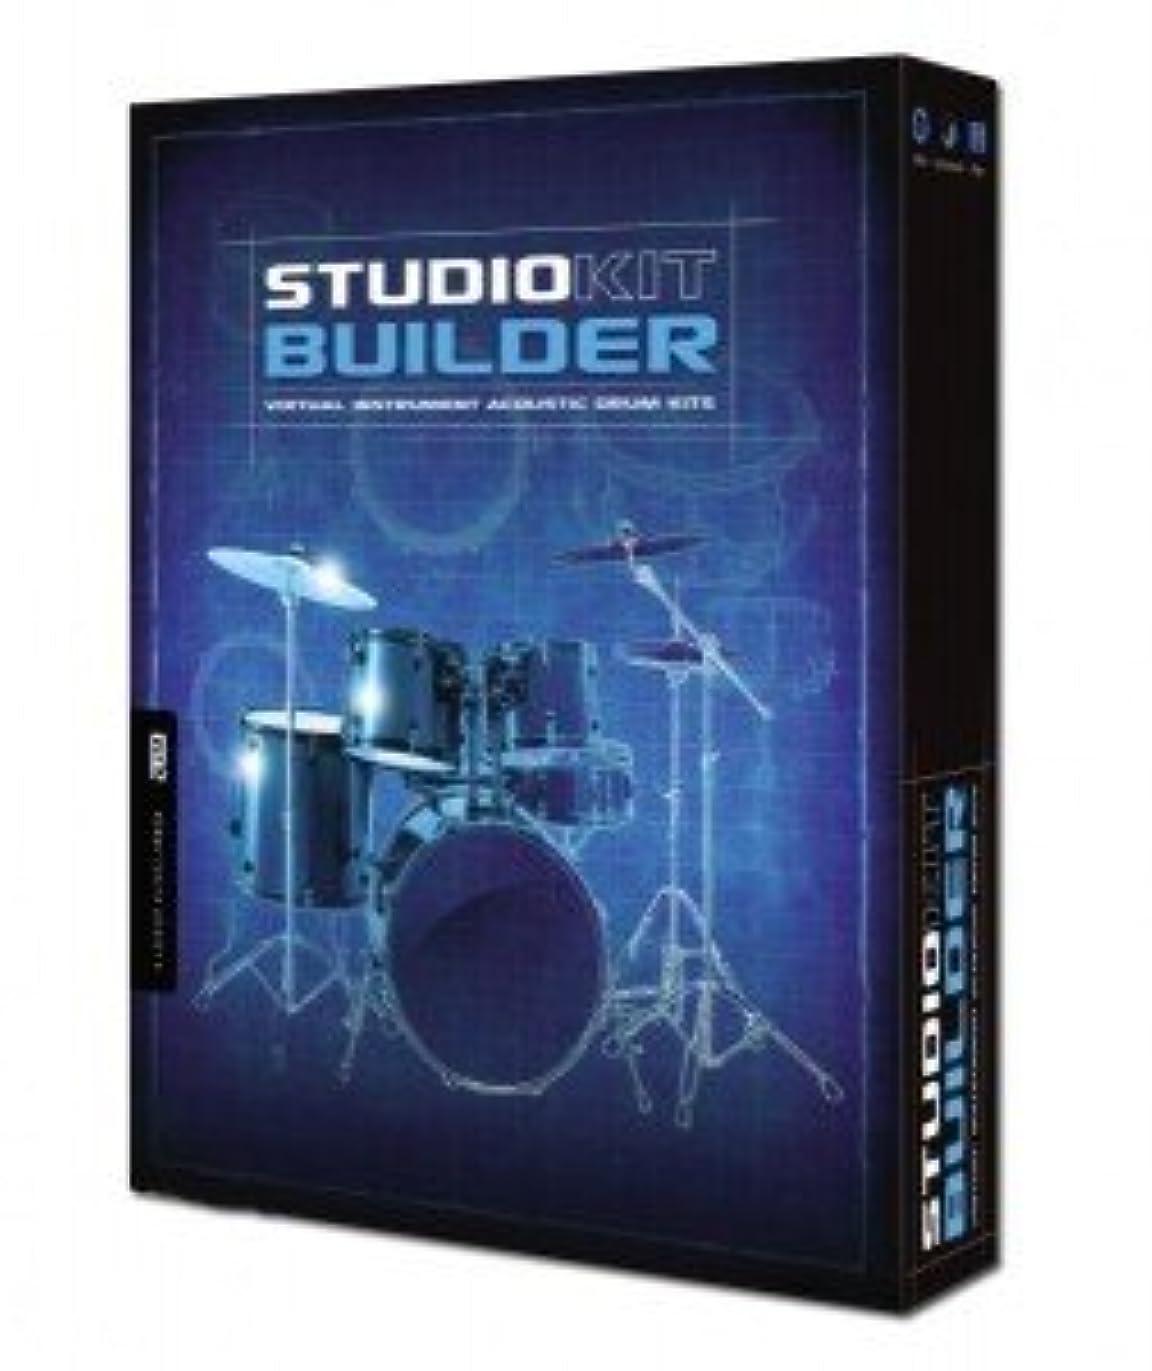 インタビュー心から熟した◆最新版◆ Vir2 STUDIO KIT BUILDER ドラム?パーカッション音源◆Windows7対応◆並行輸入品◆